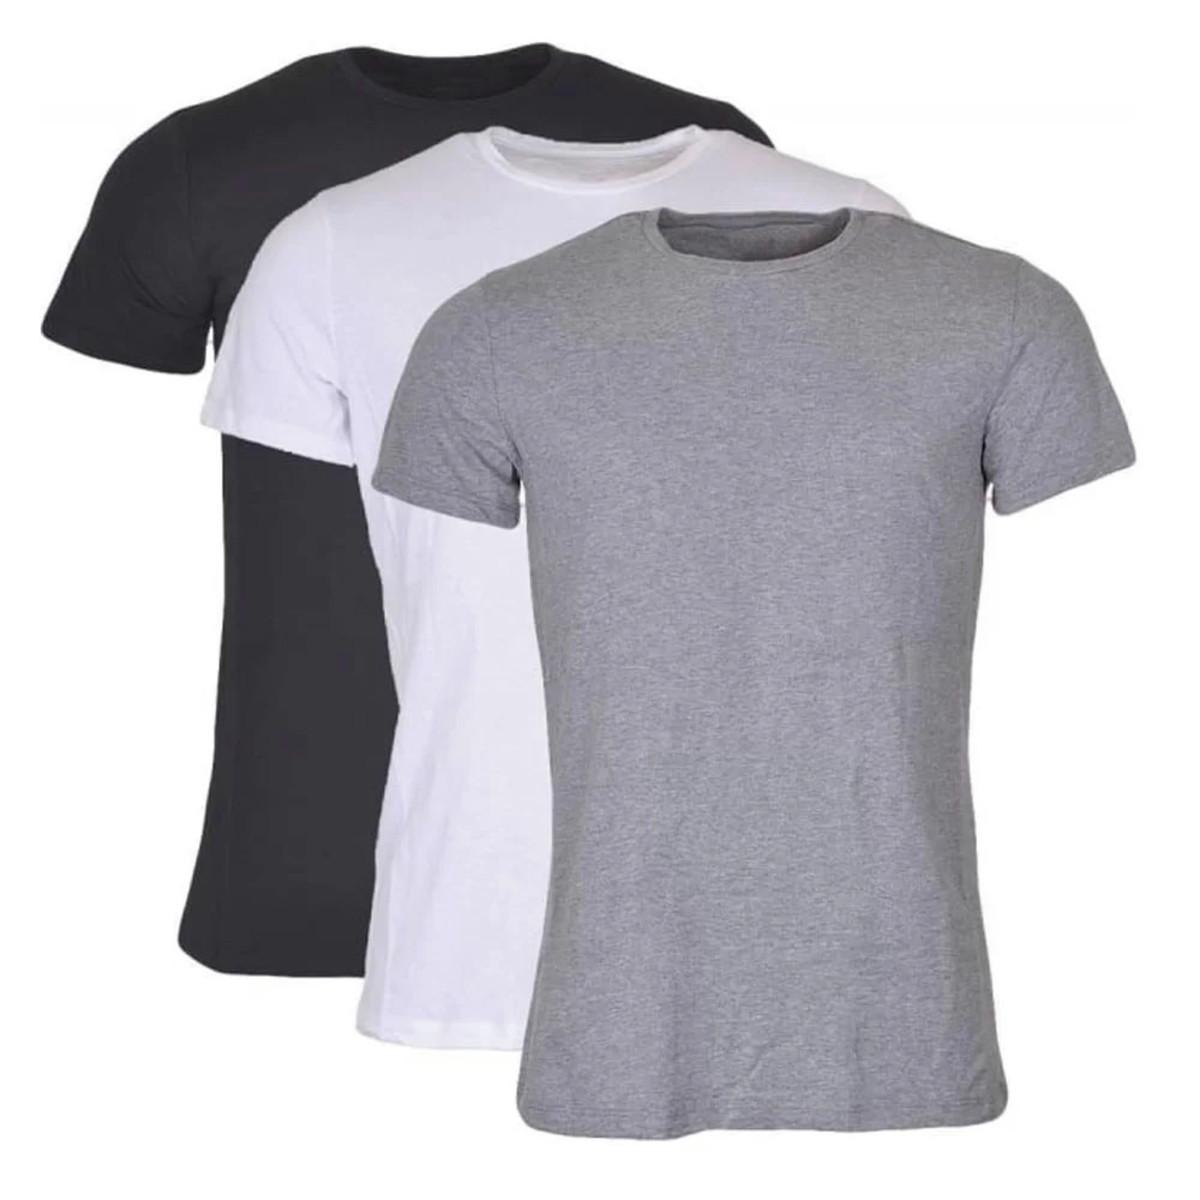 5b884c0291 Kit Com 3 Camisetas Lisas 100% Algodão Fio 30 Sortidas no Elo7 ...